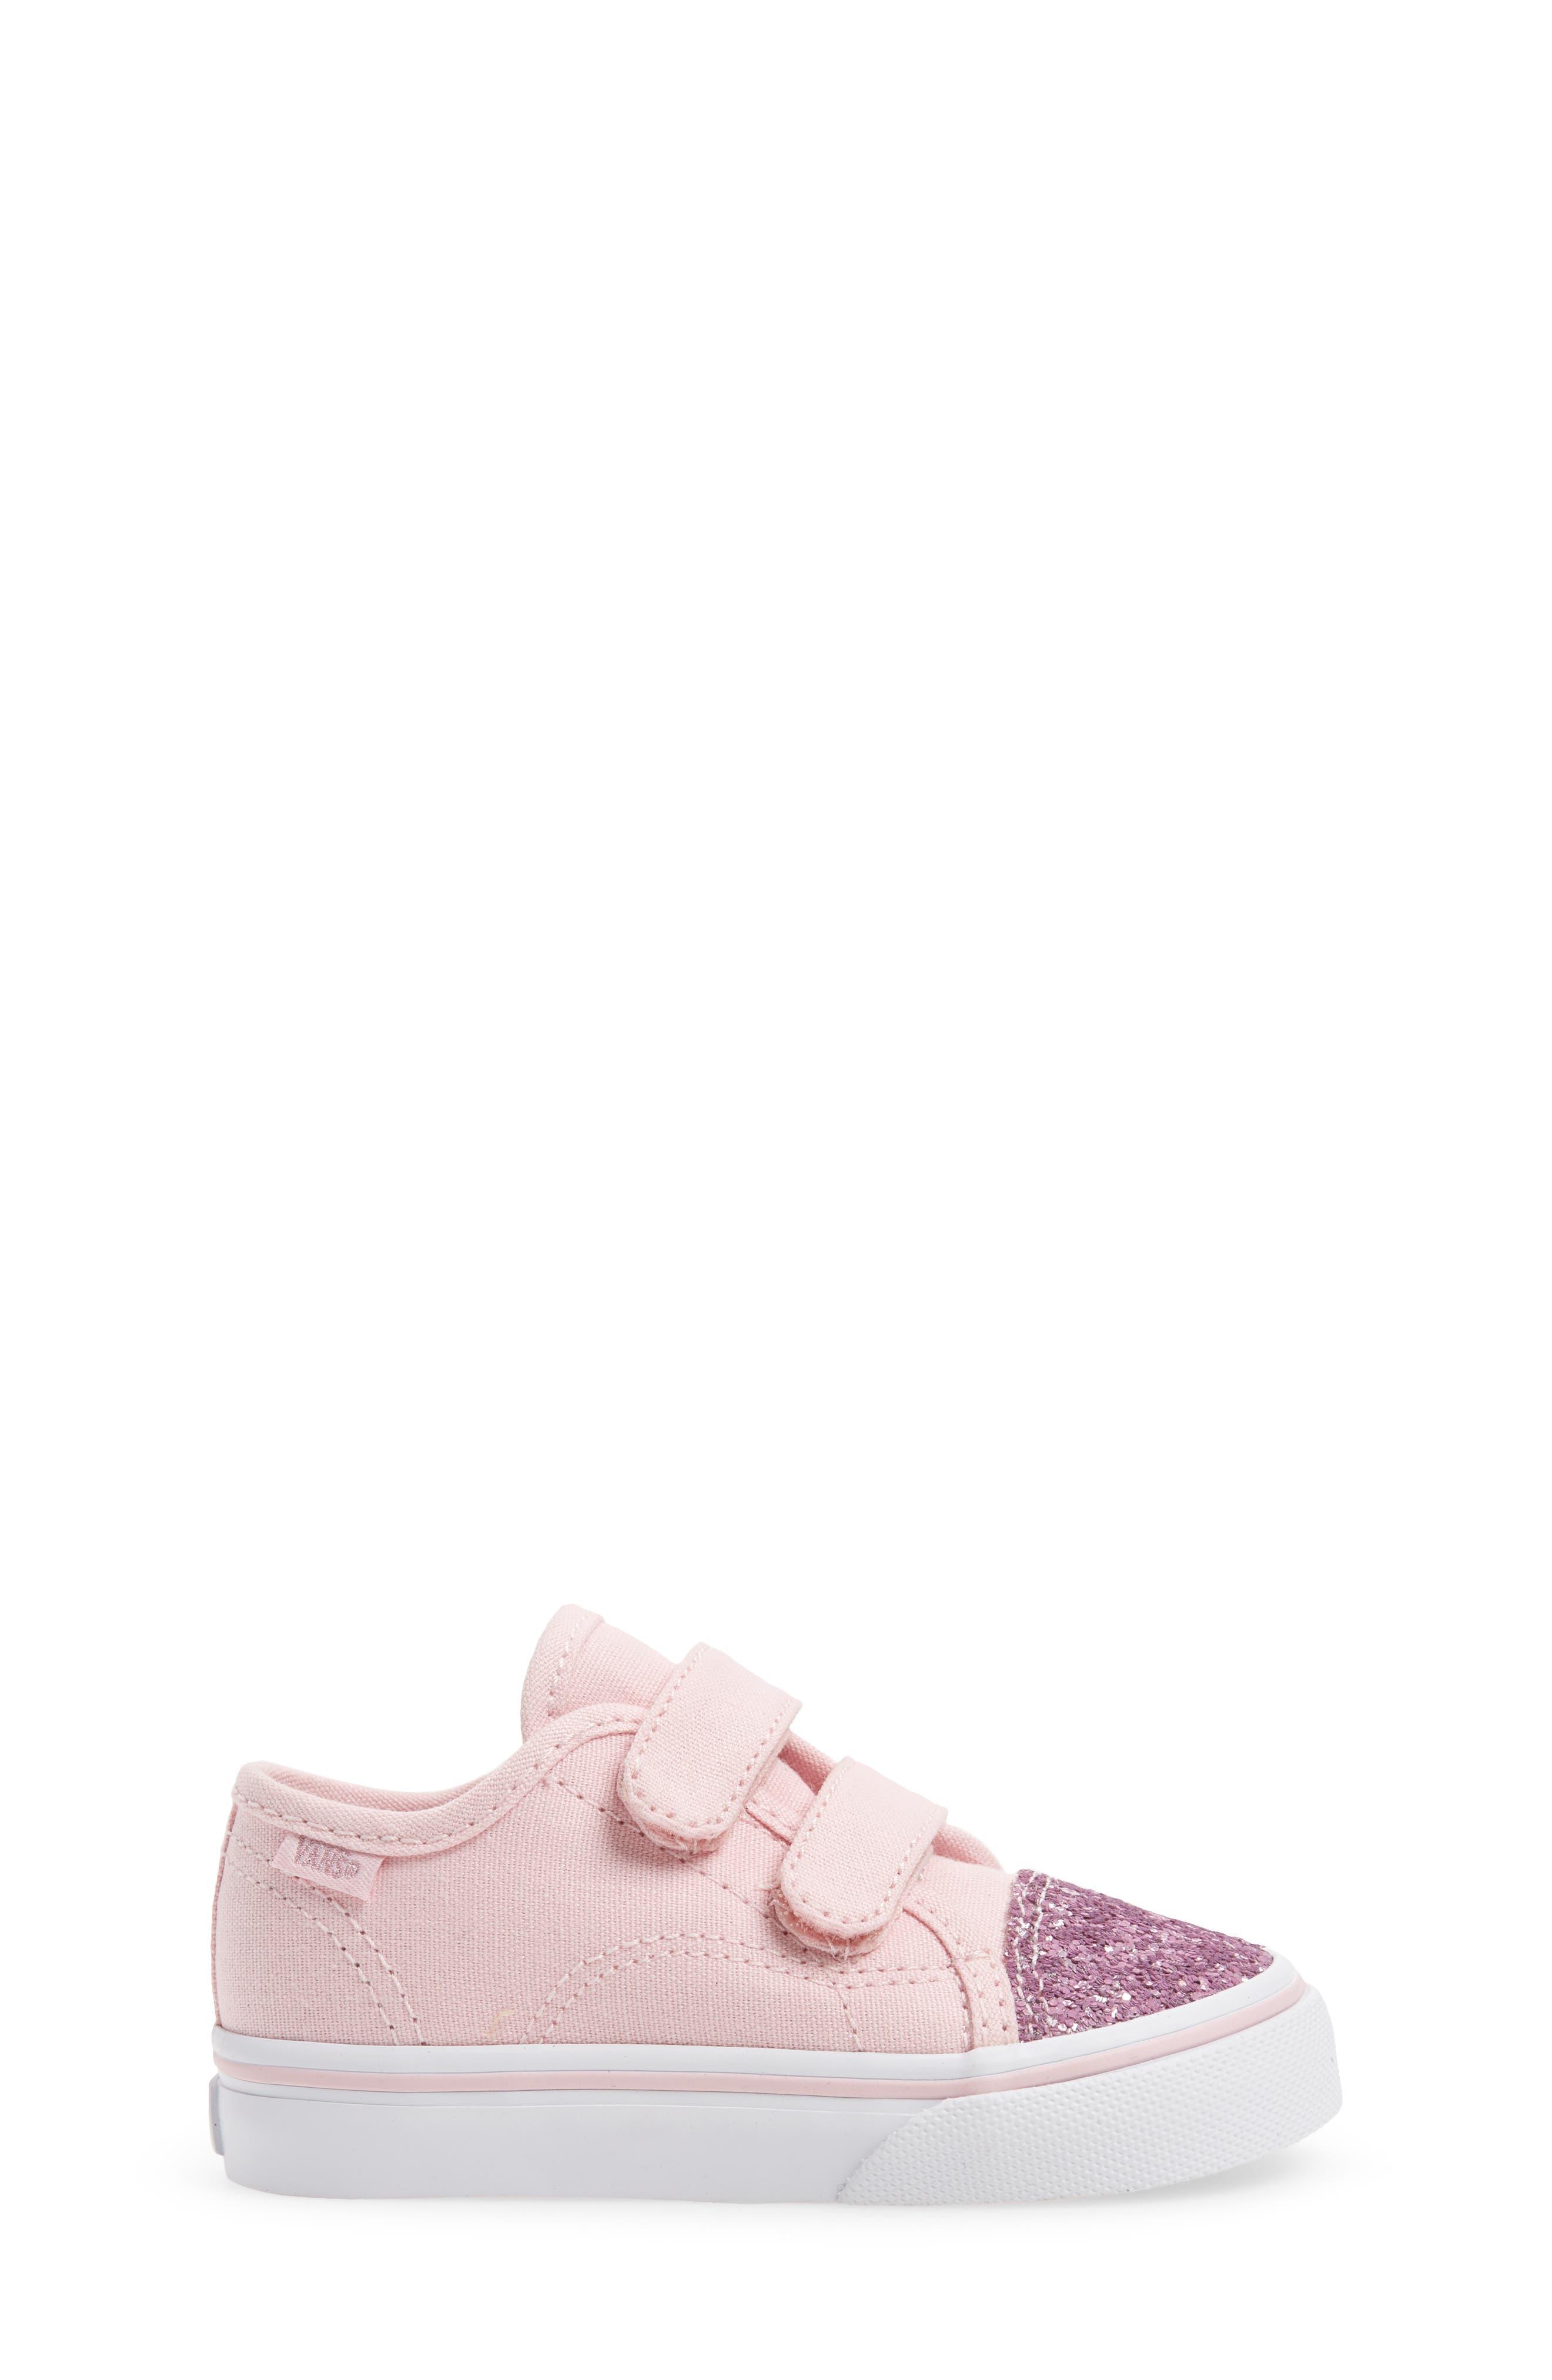 Glitter Toe Style 23 V Sneaker,                             Alternate thumbnail 3, color,                             Glitter Chalk Pink/ True White